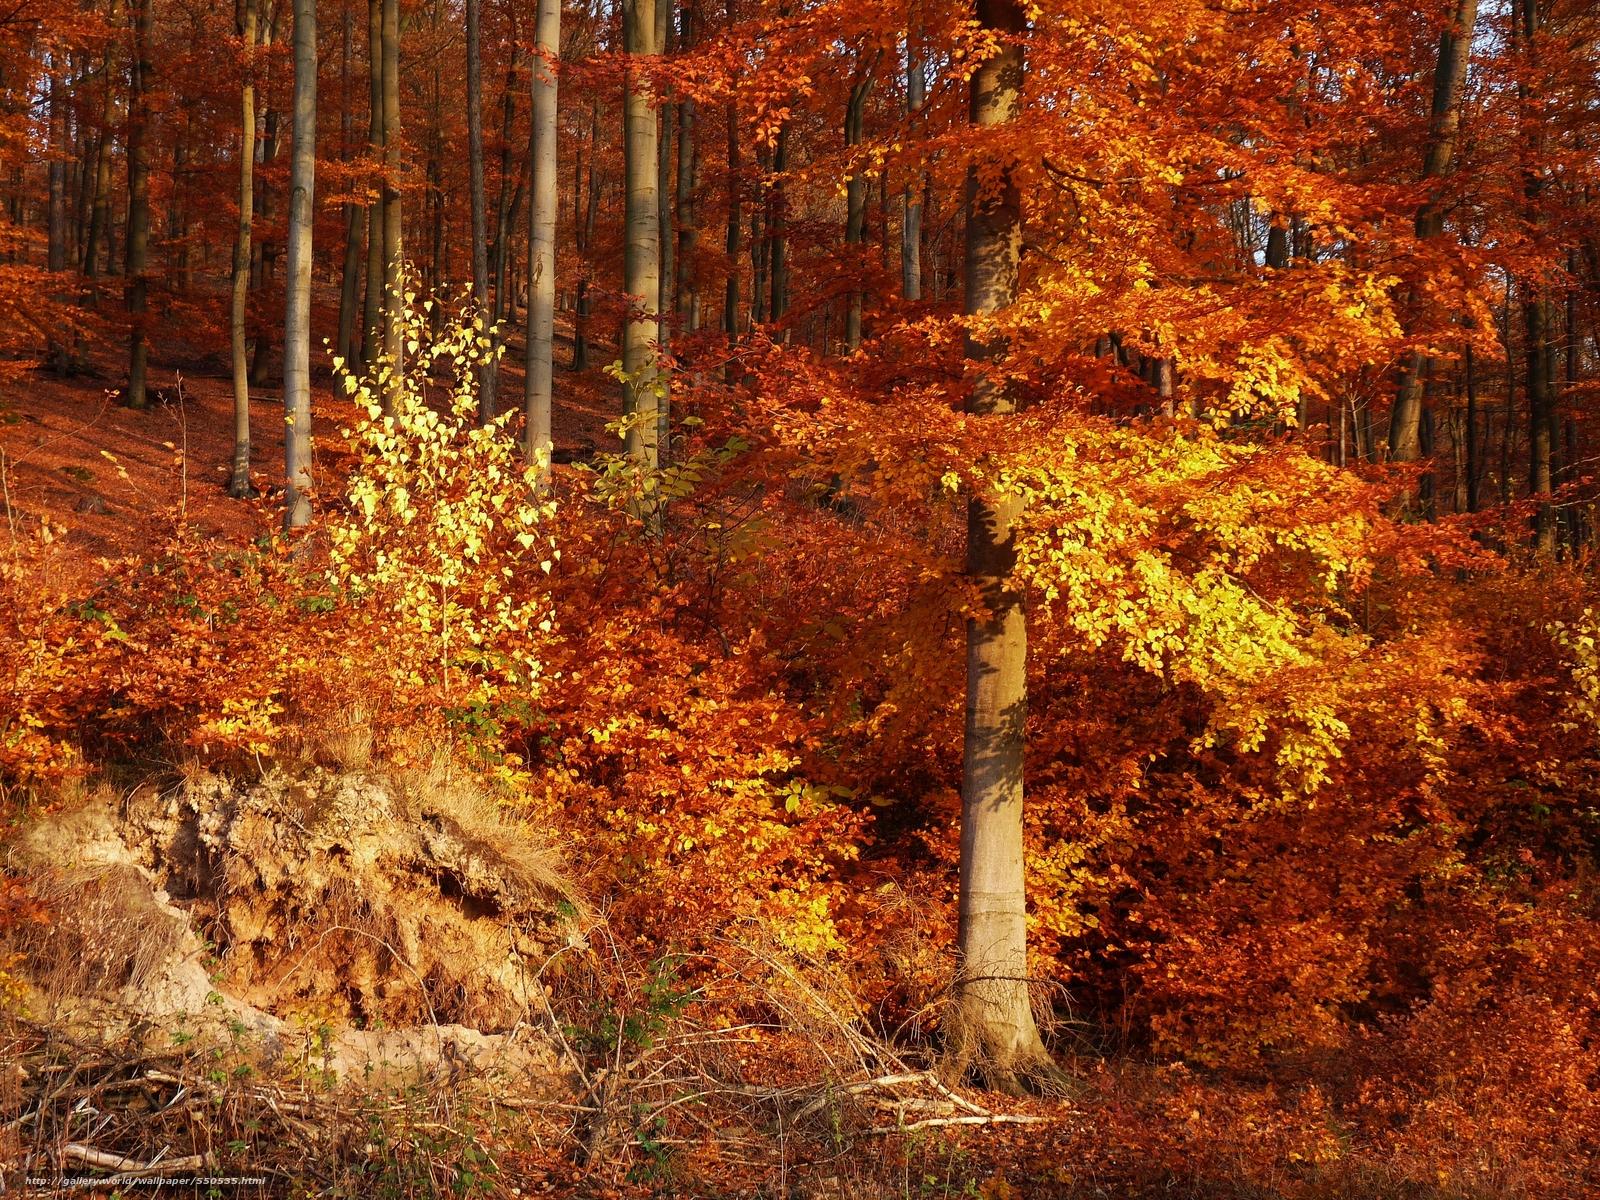 foto de Tlcharger Fond d'ecran automne, forêt, arbres, paysage Fonds d ...